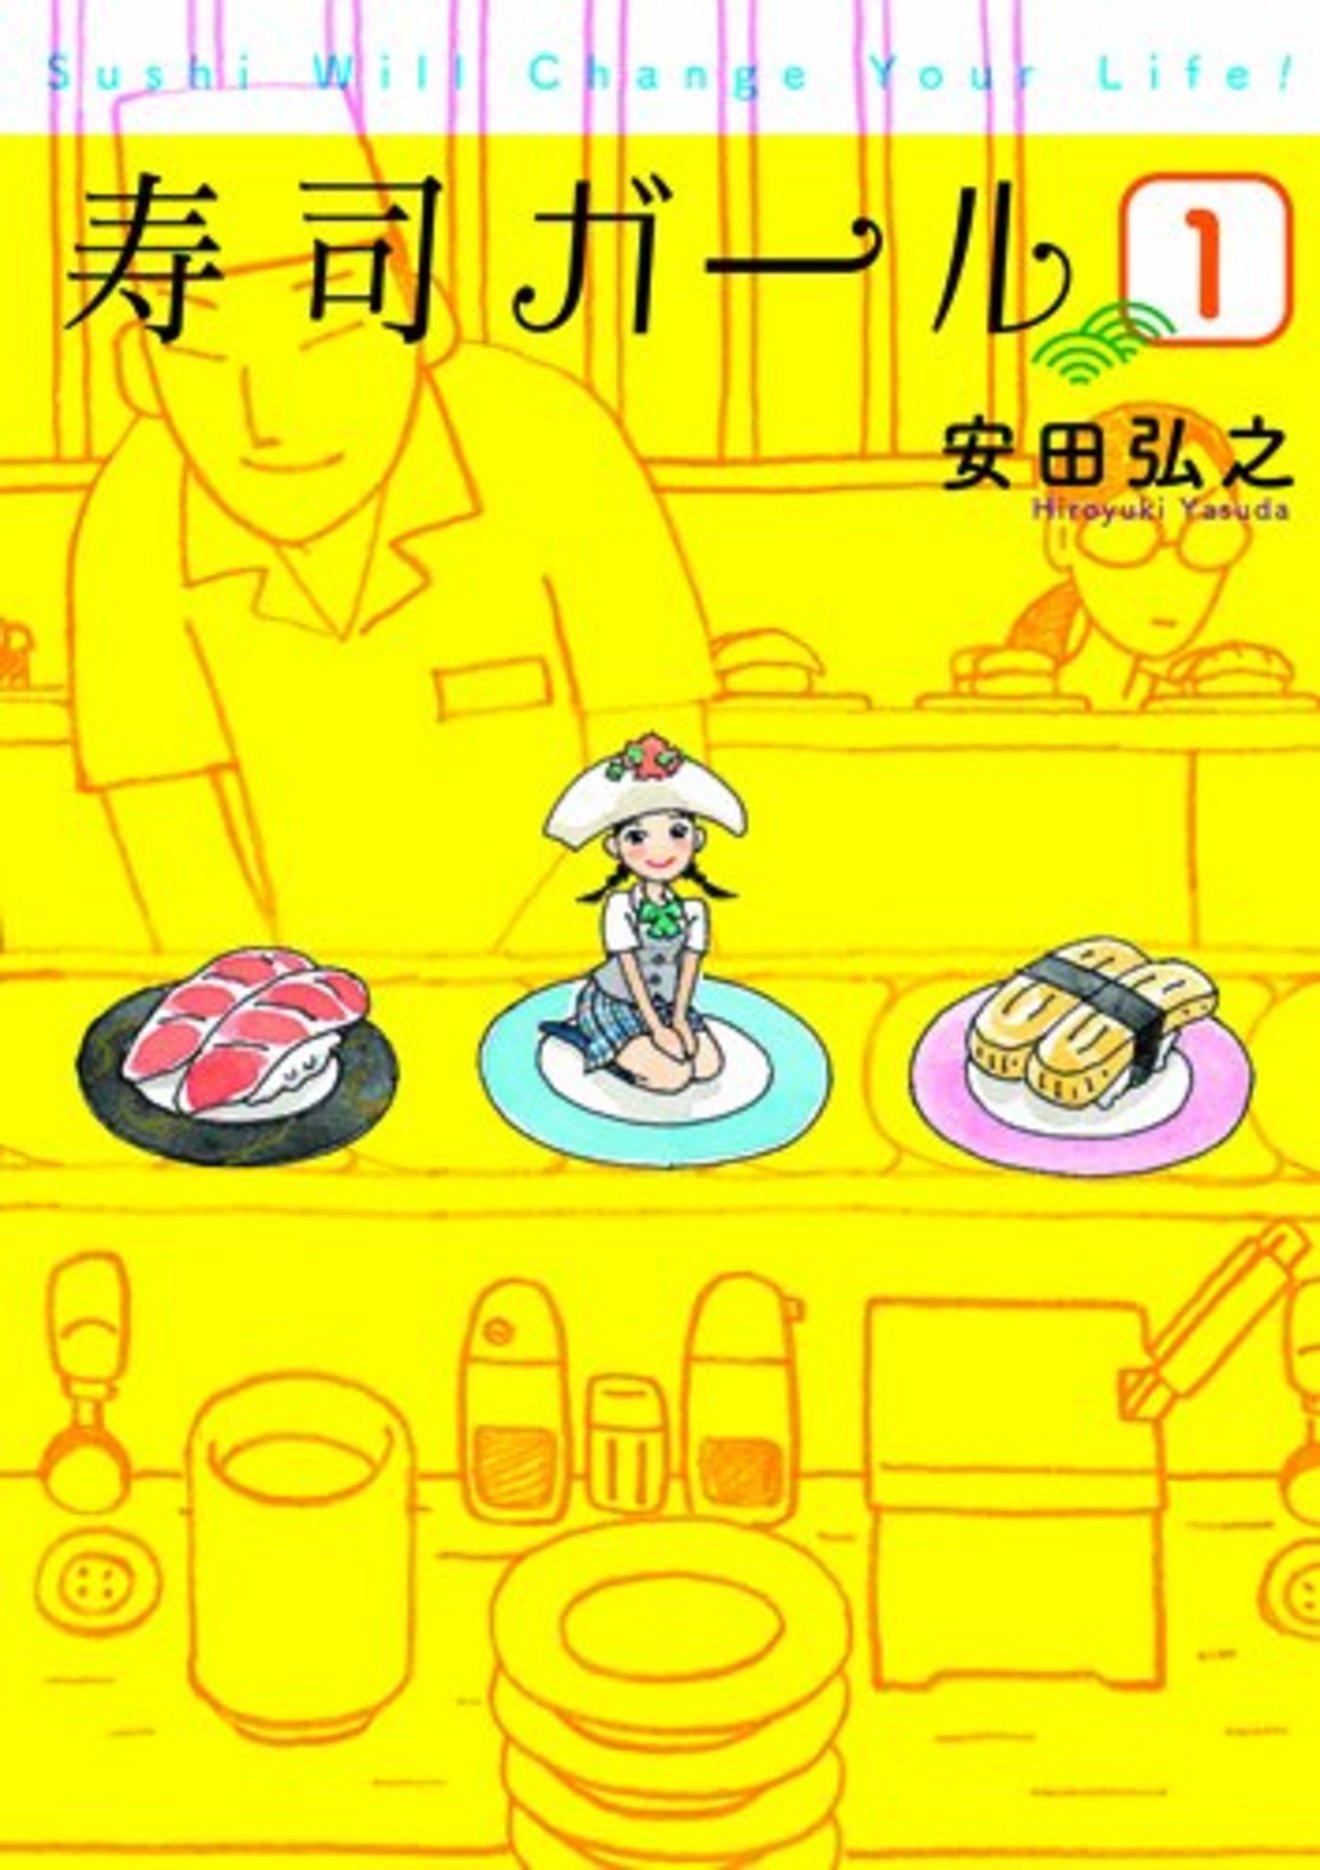 『寿司ガール』の魅力を全巻ネタバレ紹介!不思議に泣けるおすすめ漫画が無料